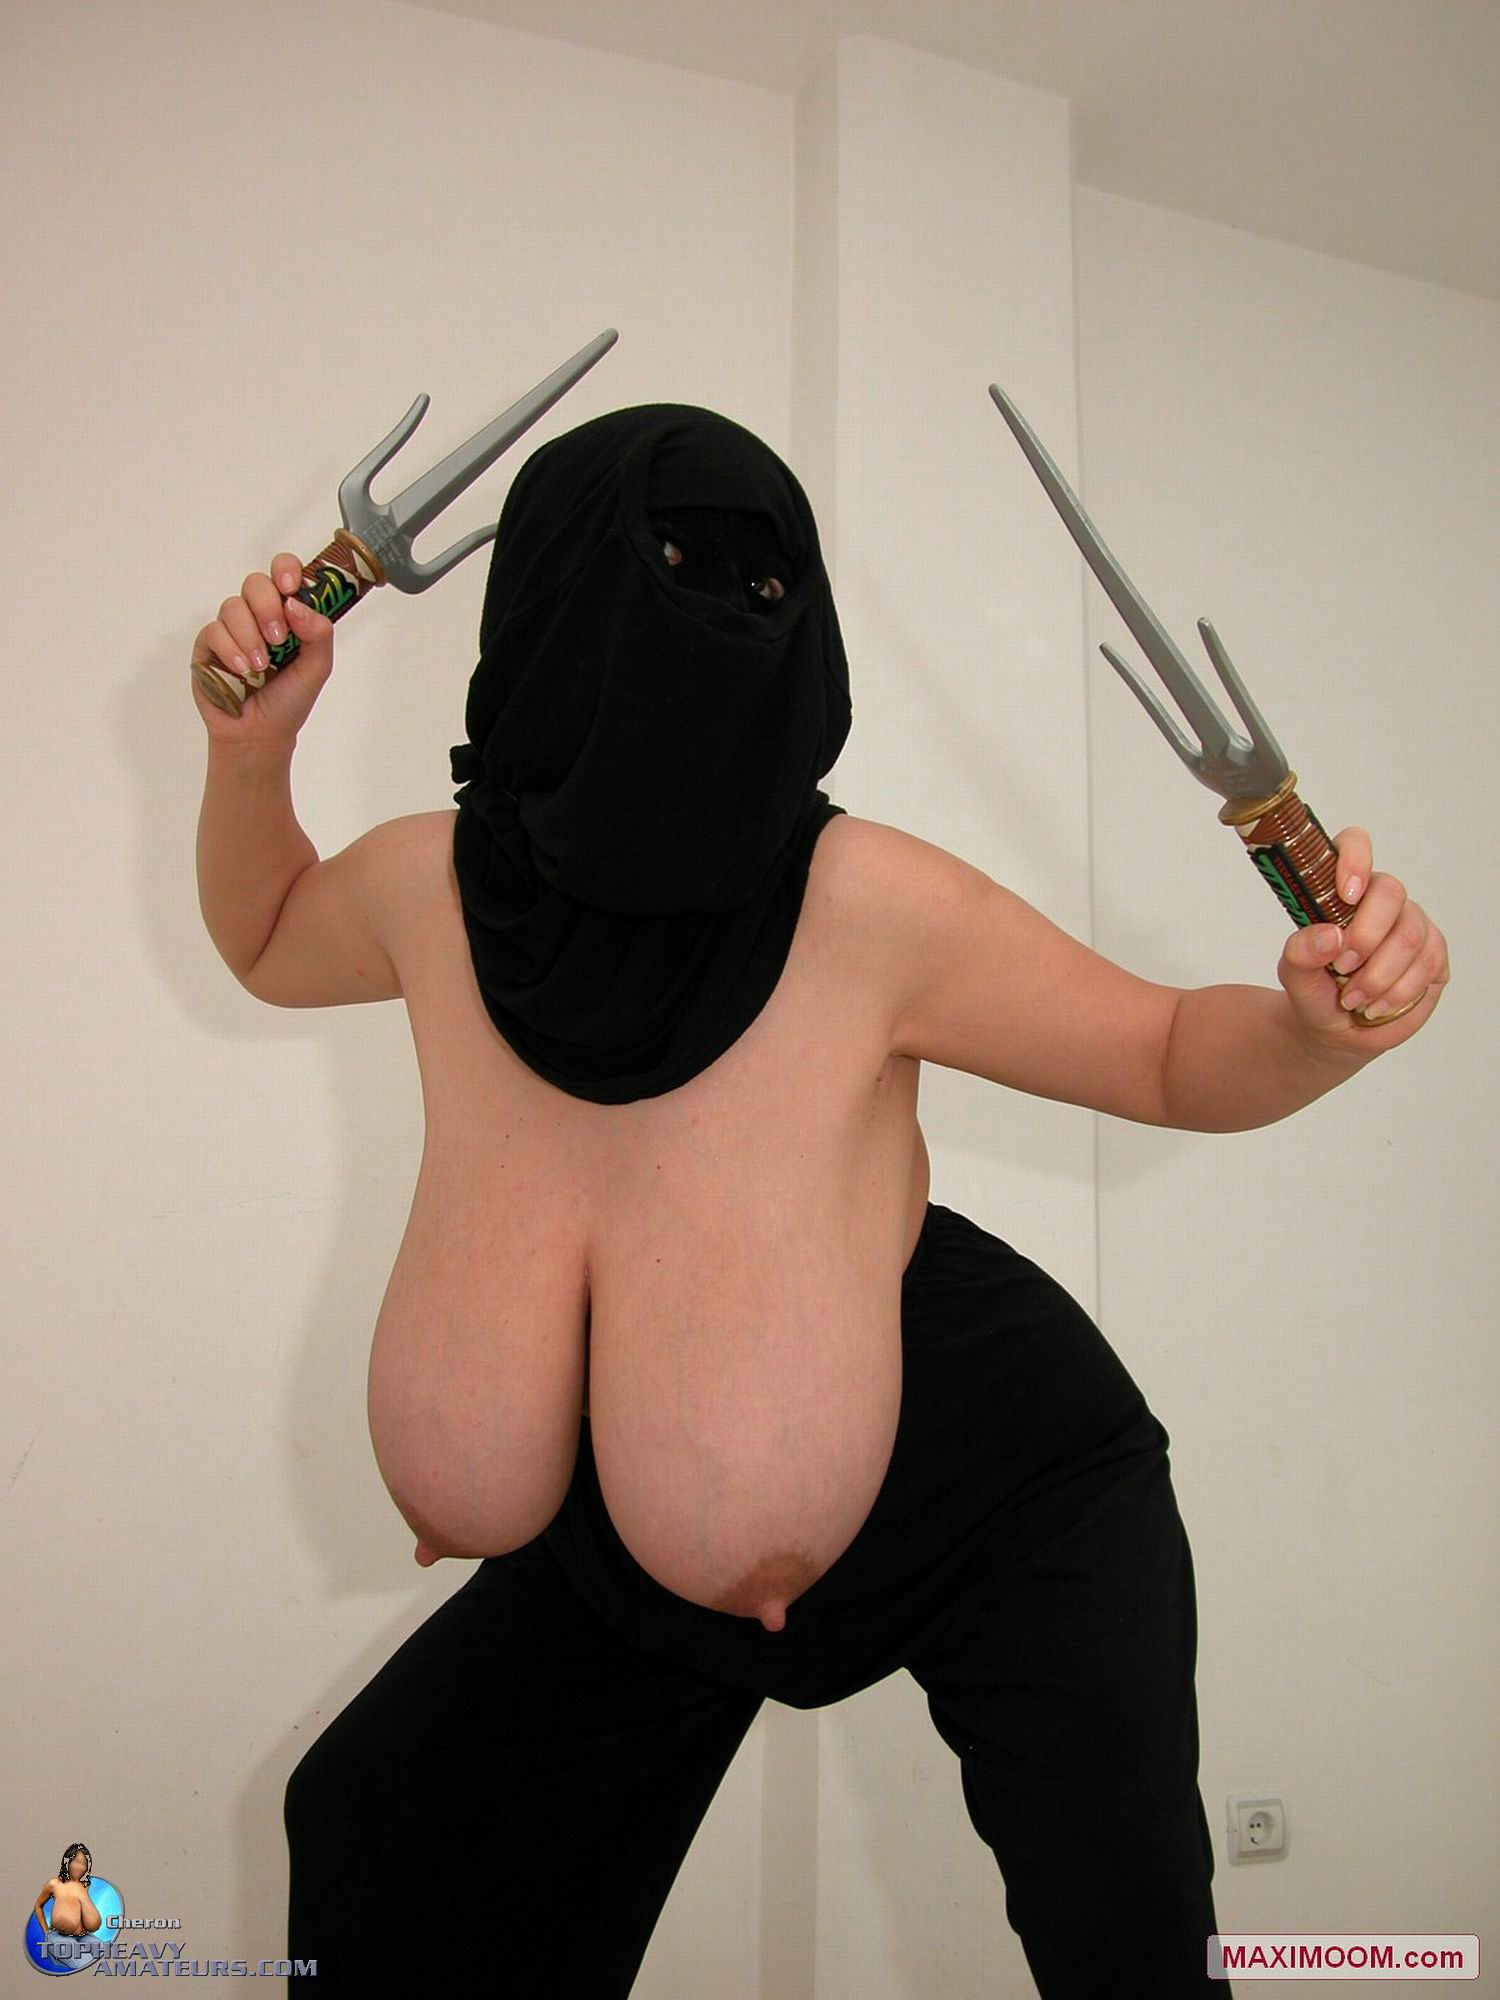 Where learn Big boob female ninja